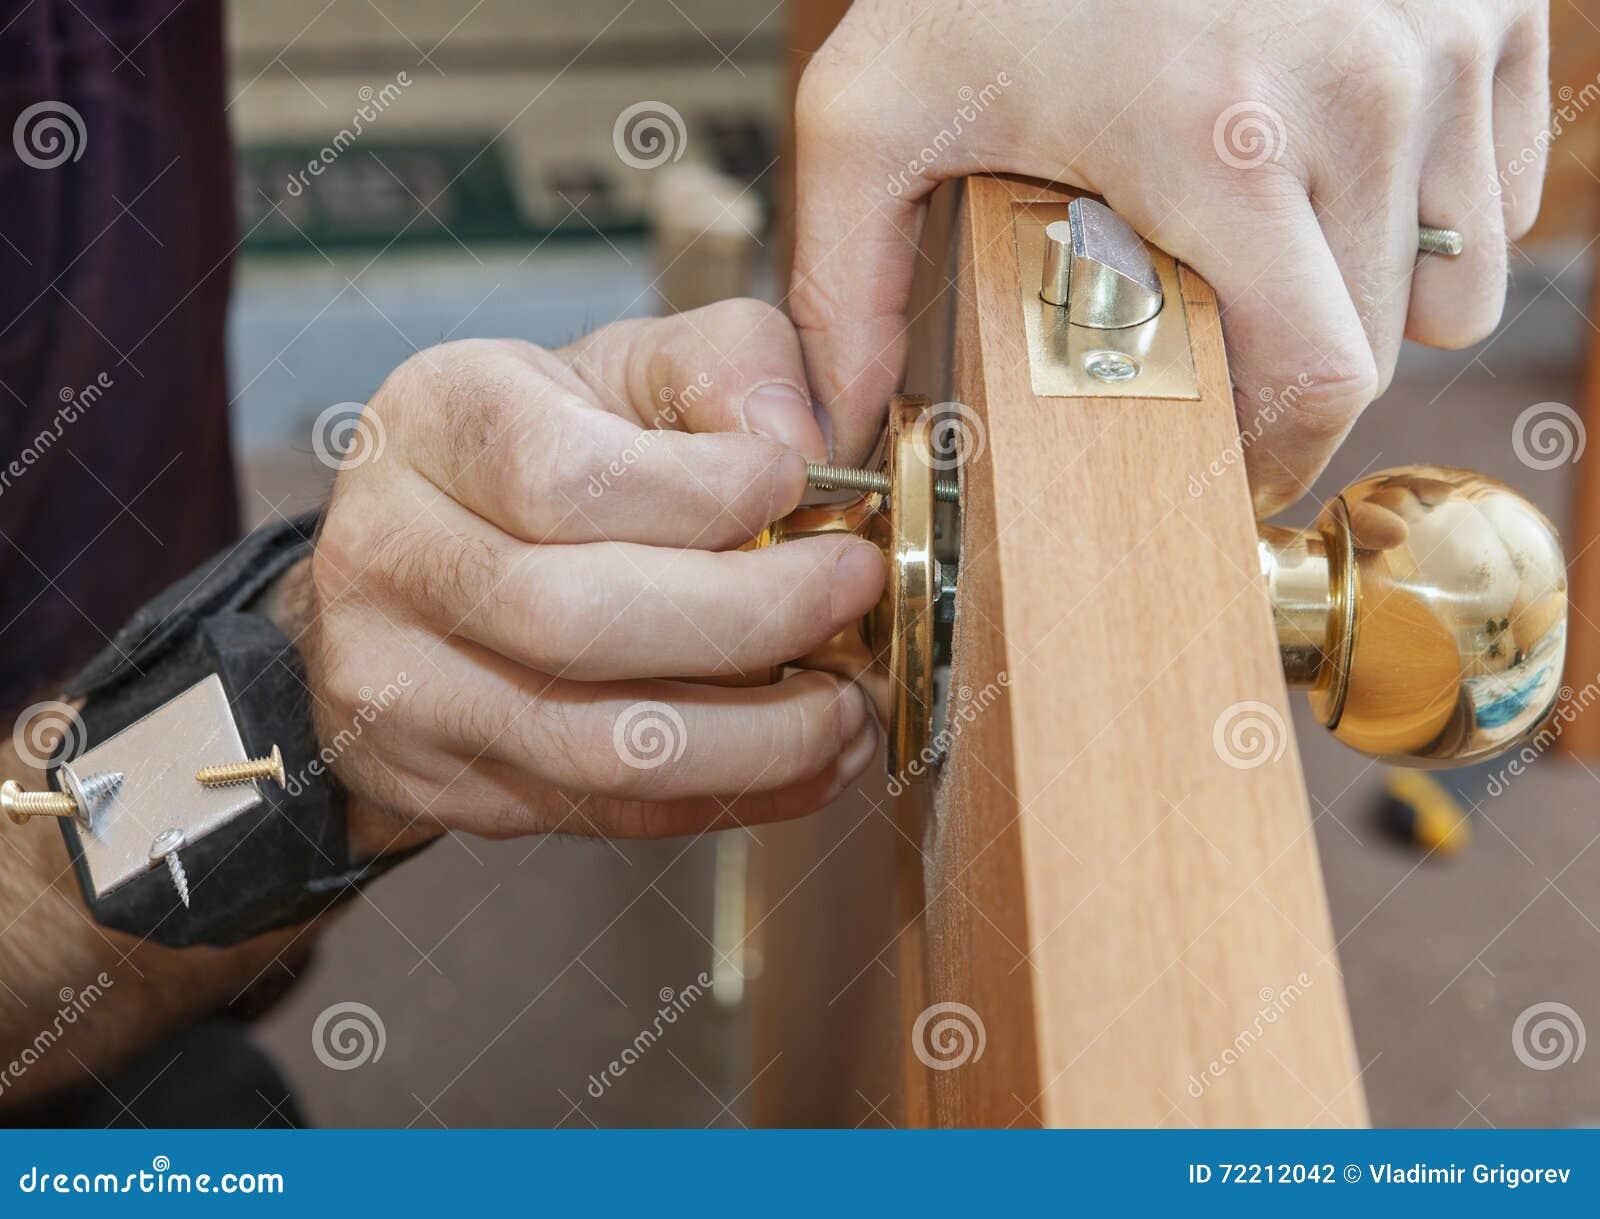 Instalando a porta interior, o carpinteiro instala a utilização do botão magnética